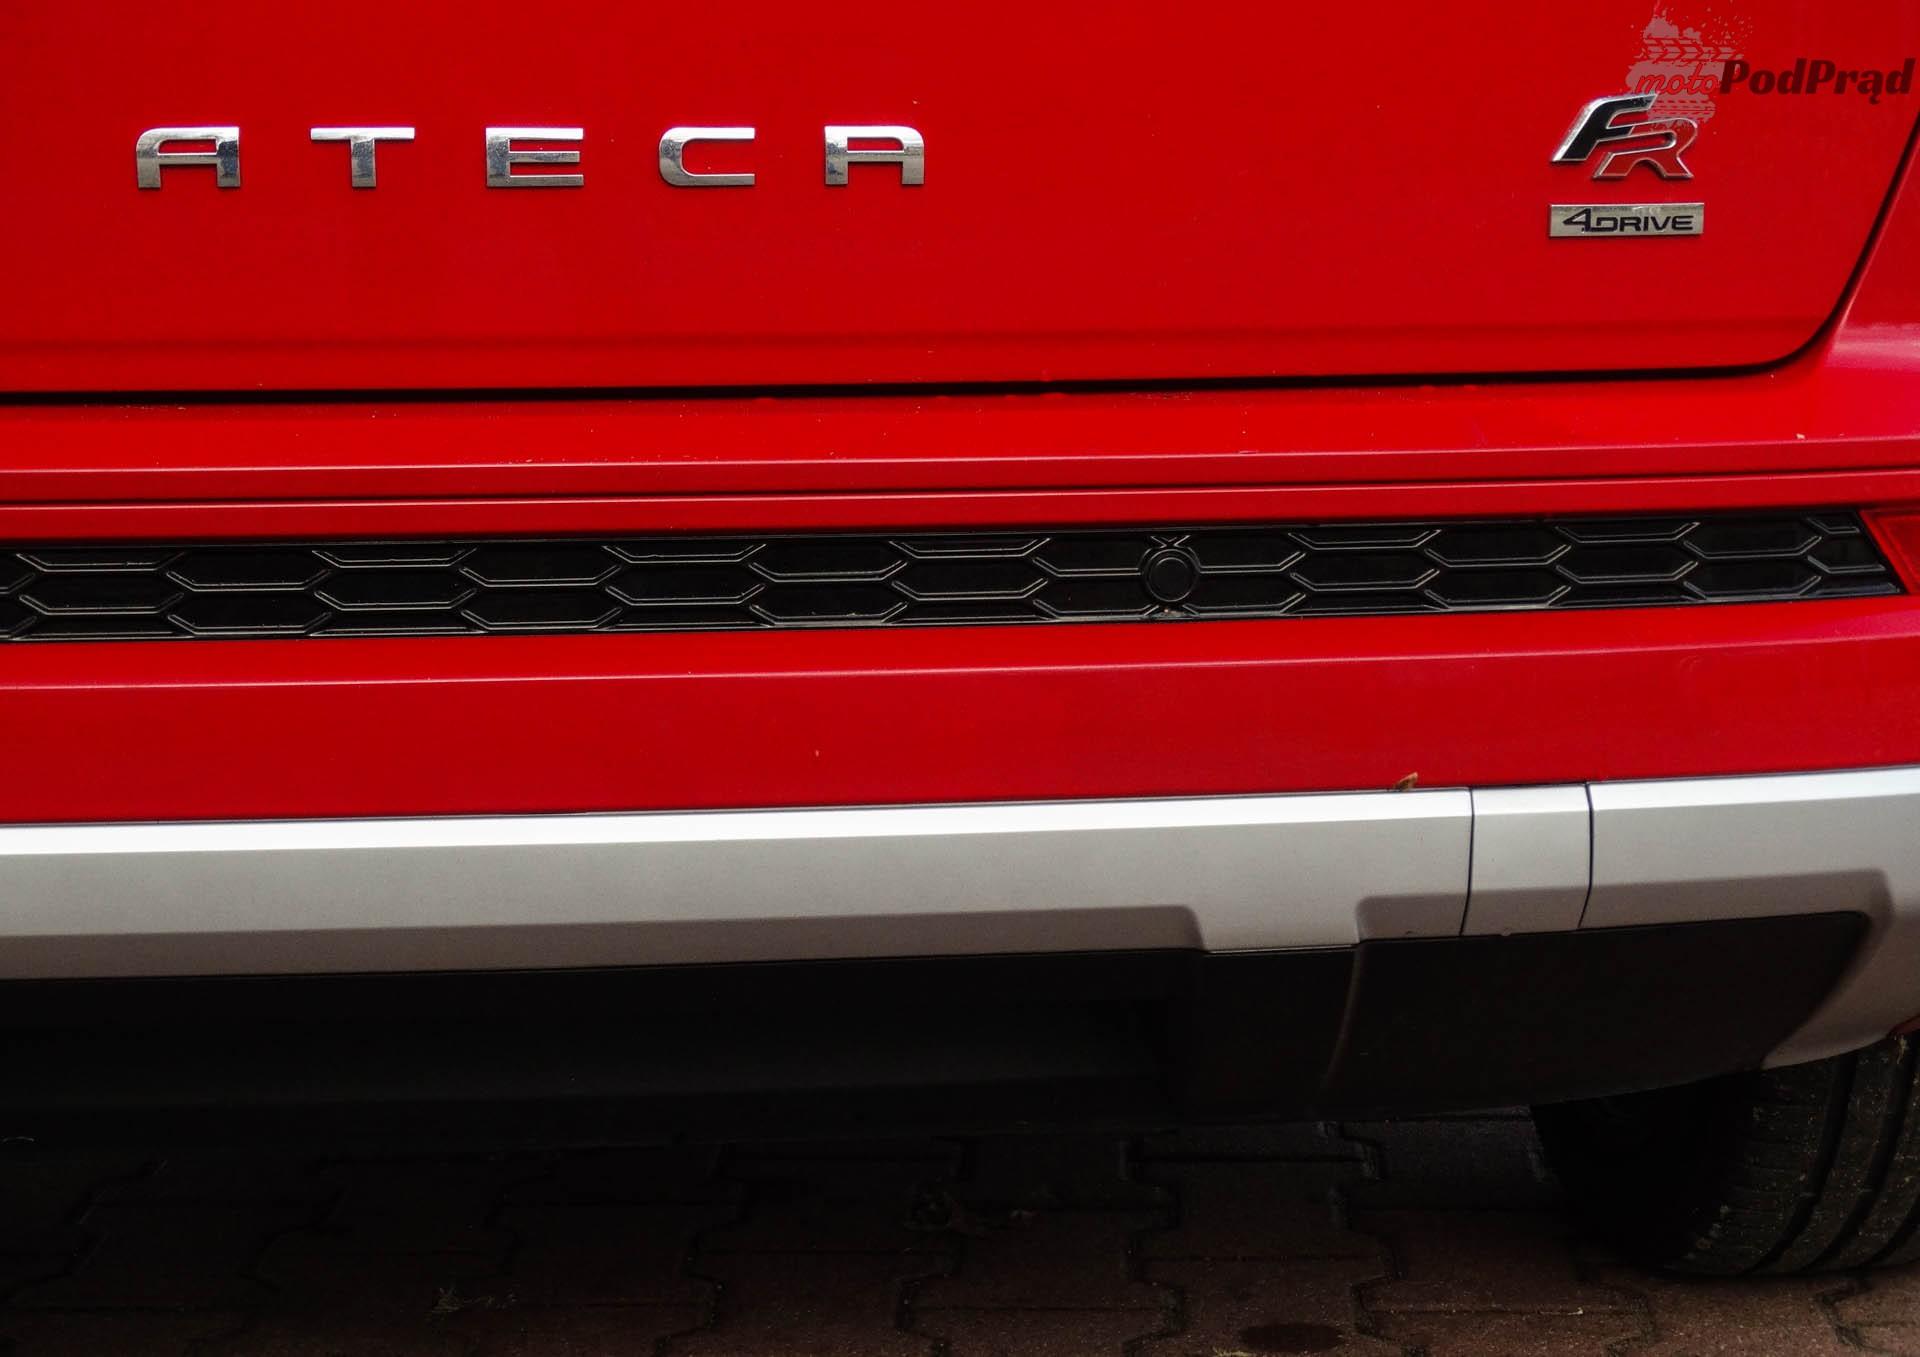 seat ateca 24 Test: Seat Ateca Fr 2.0 TSI 190 KM 4Drive – czy to ma sens?